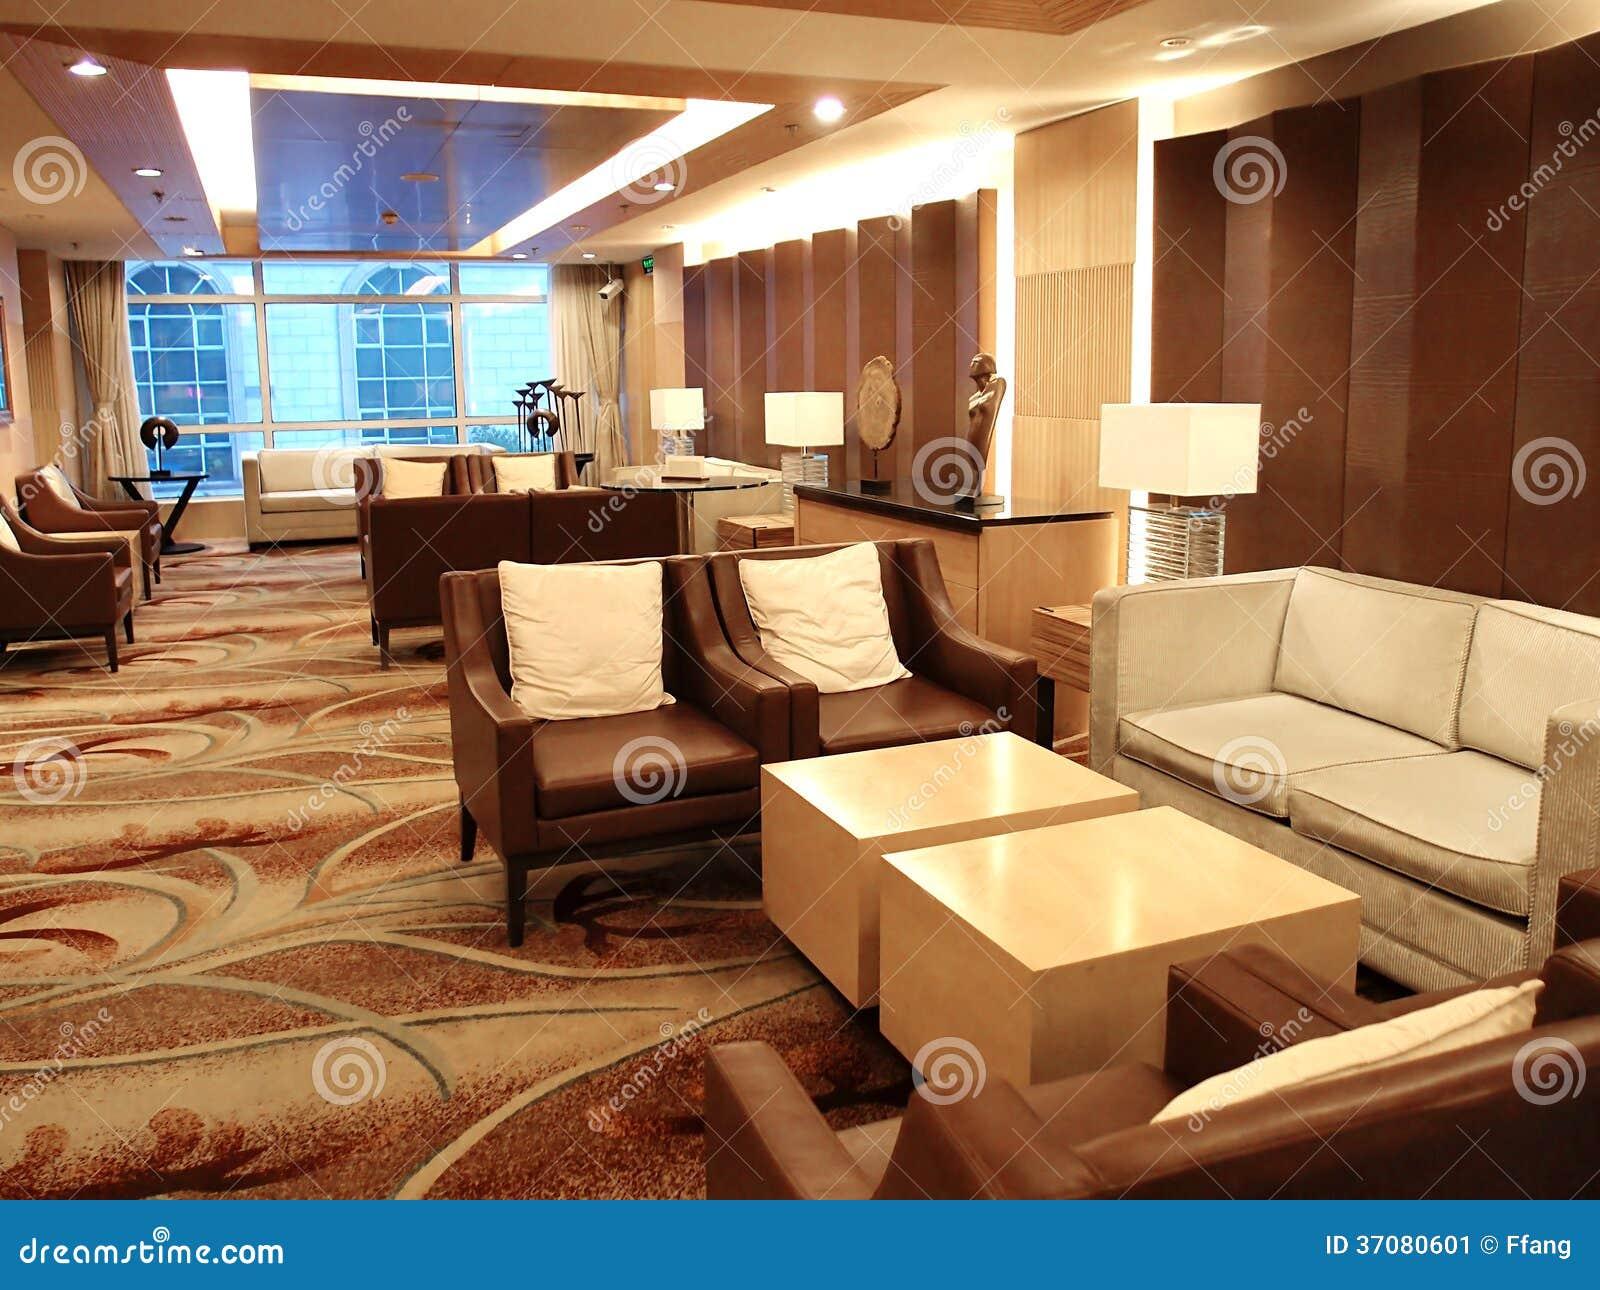 Download Hotelu kuluarowy wnętrze obraz stock. Obraz złożonej z wyznaczający - 37080601